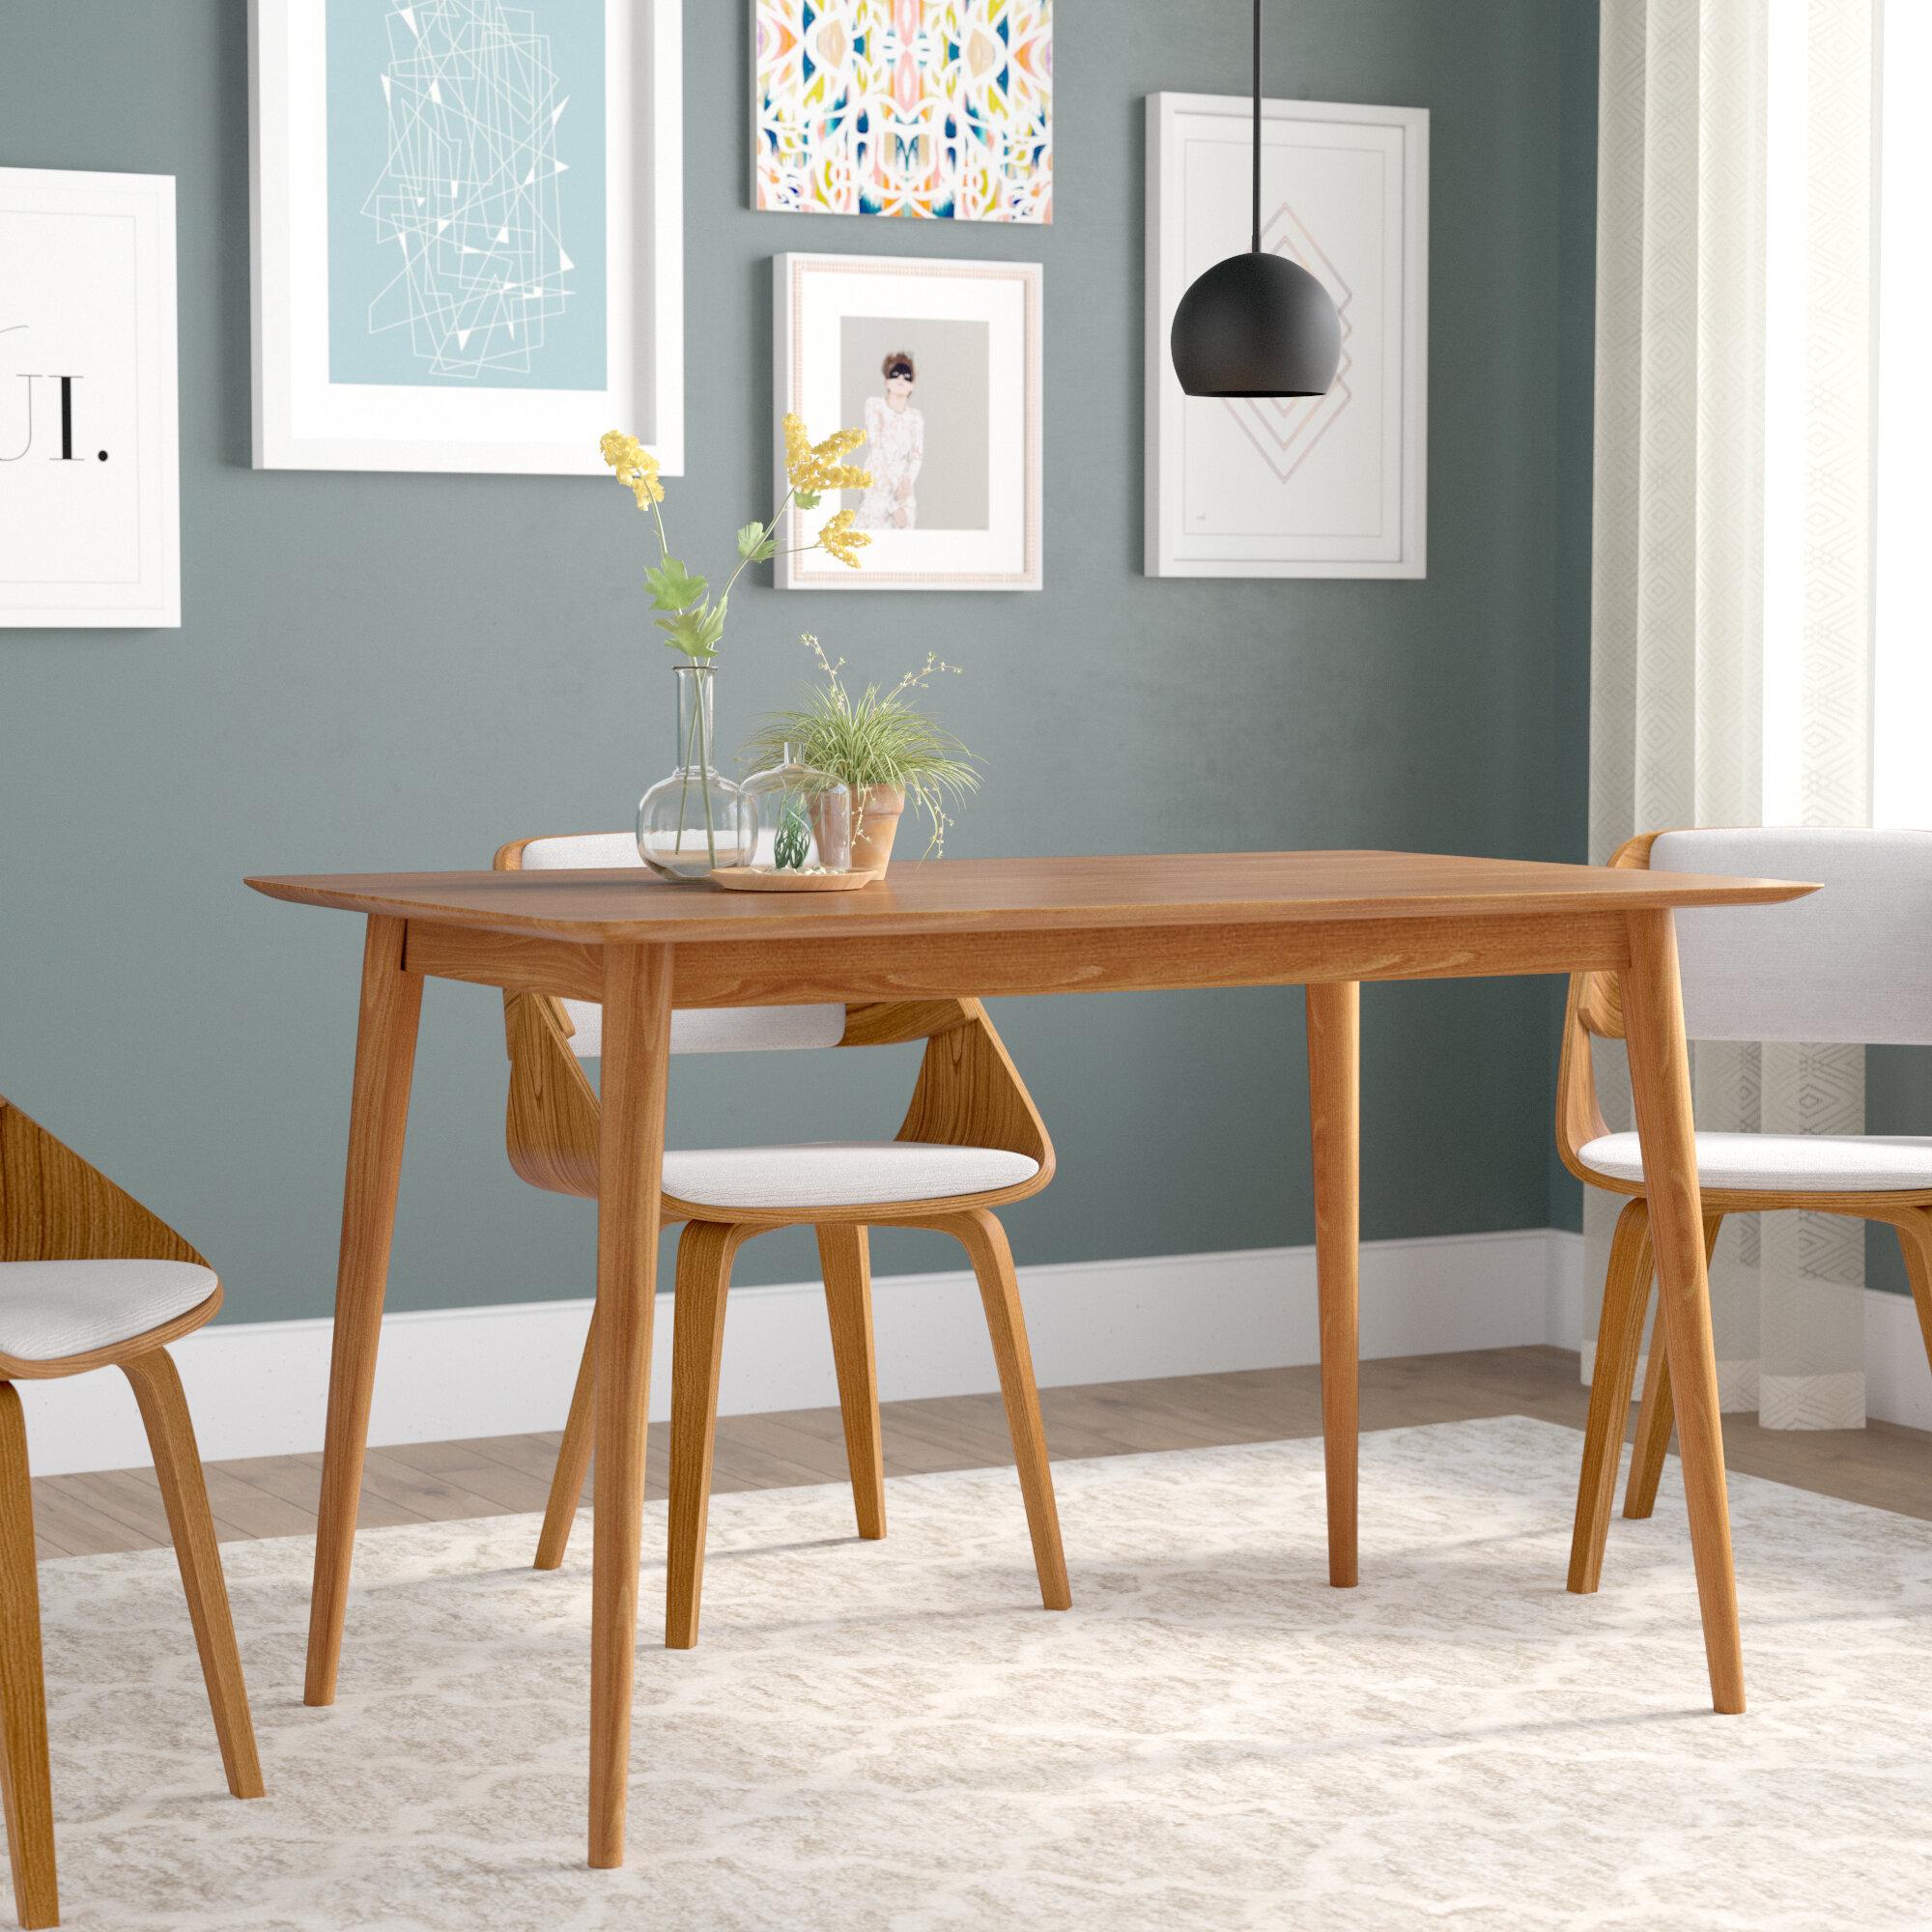 Corrigan Studio Kaylen Mid Century Modern Wood Dining Table